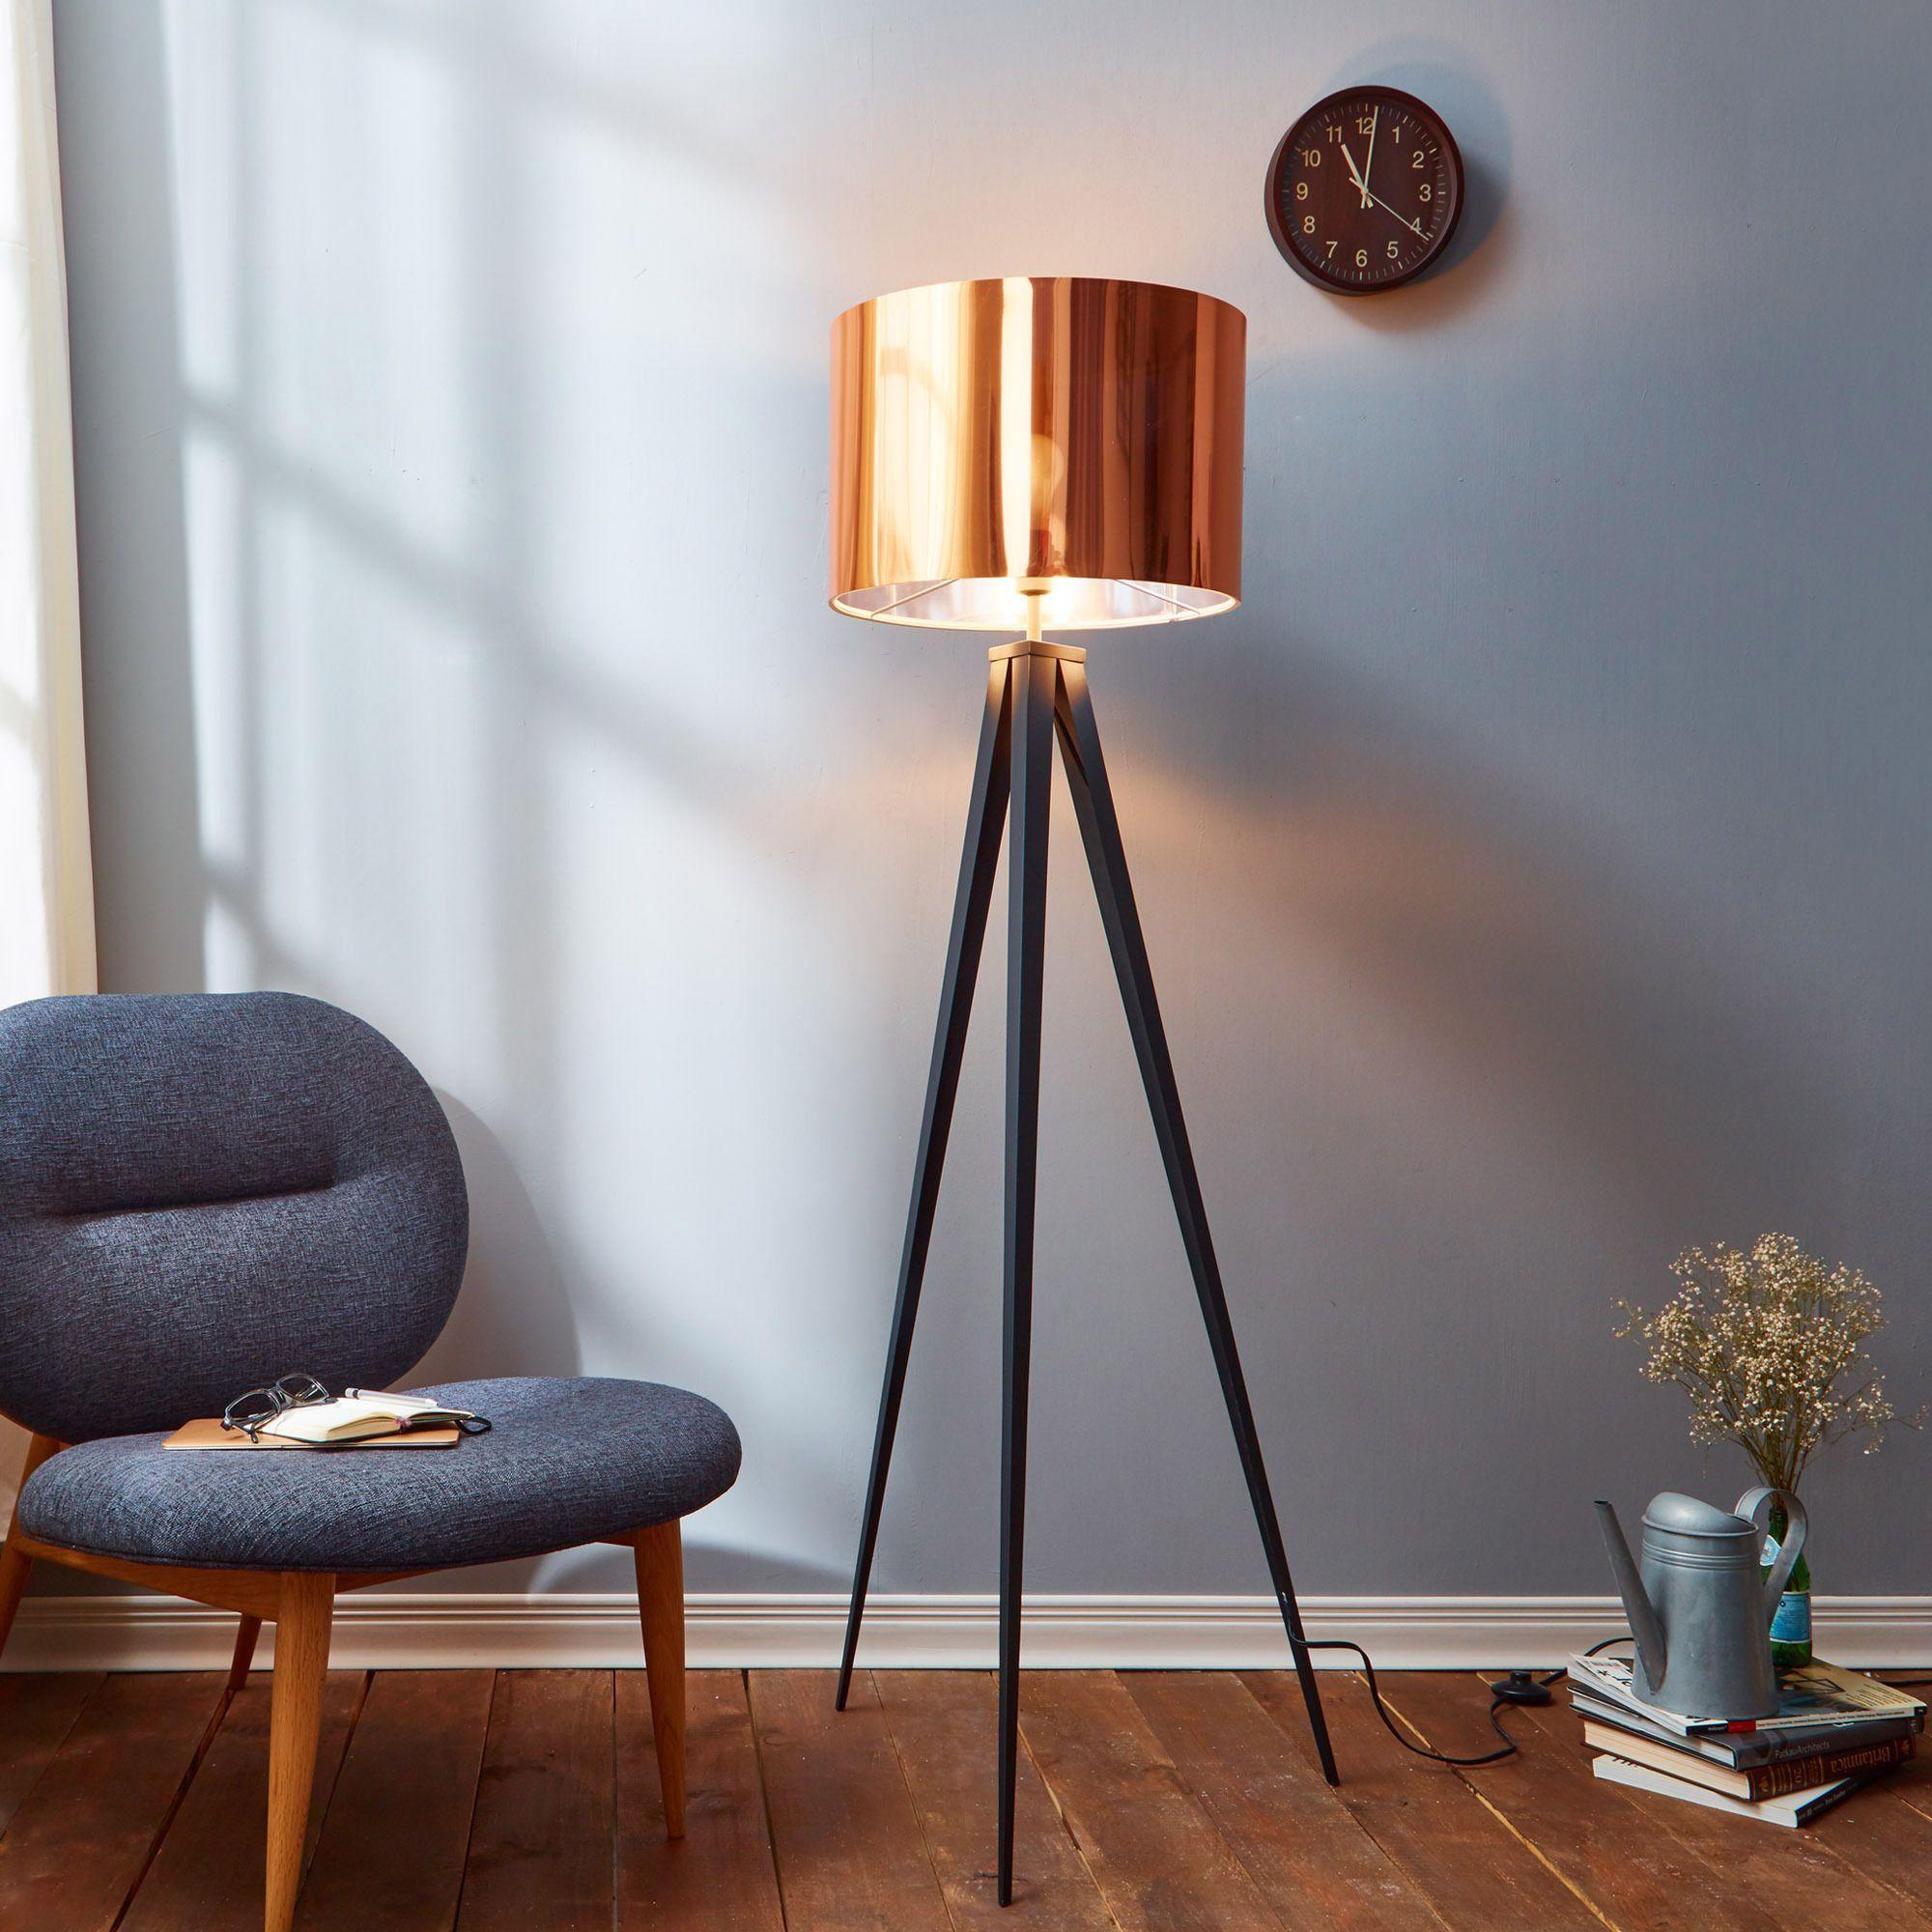 wooden amazon lamps adjustable stand pin vintage nautical nauticalmart uk co floor lamp tripod